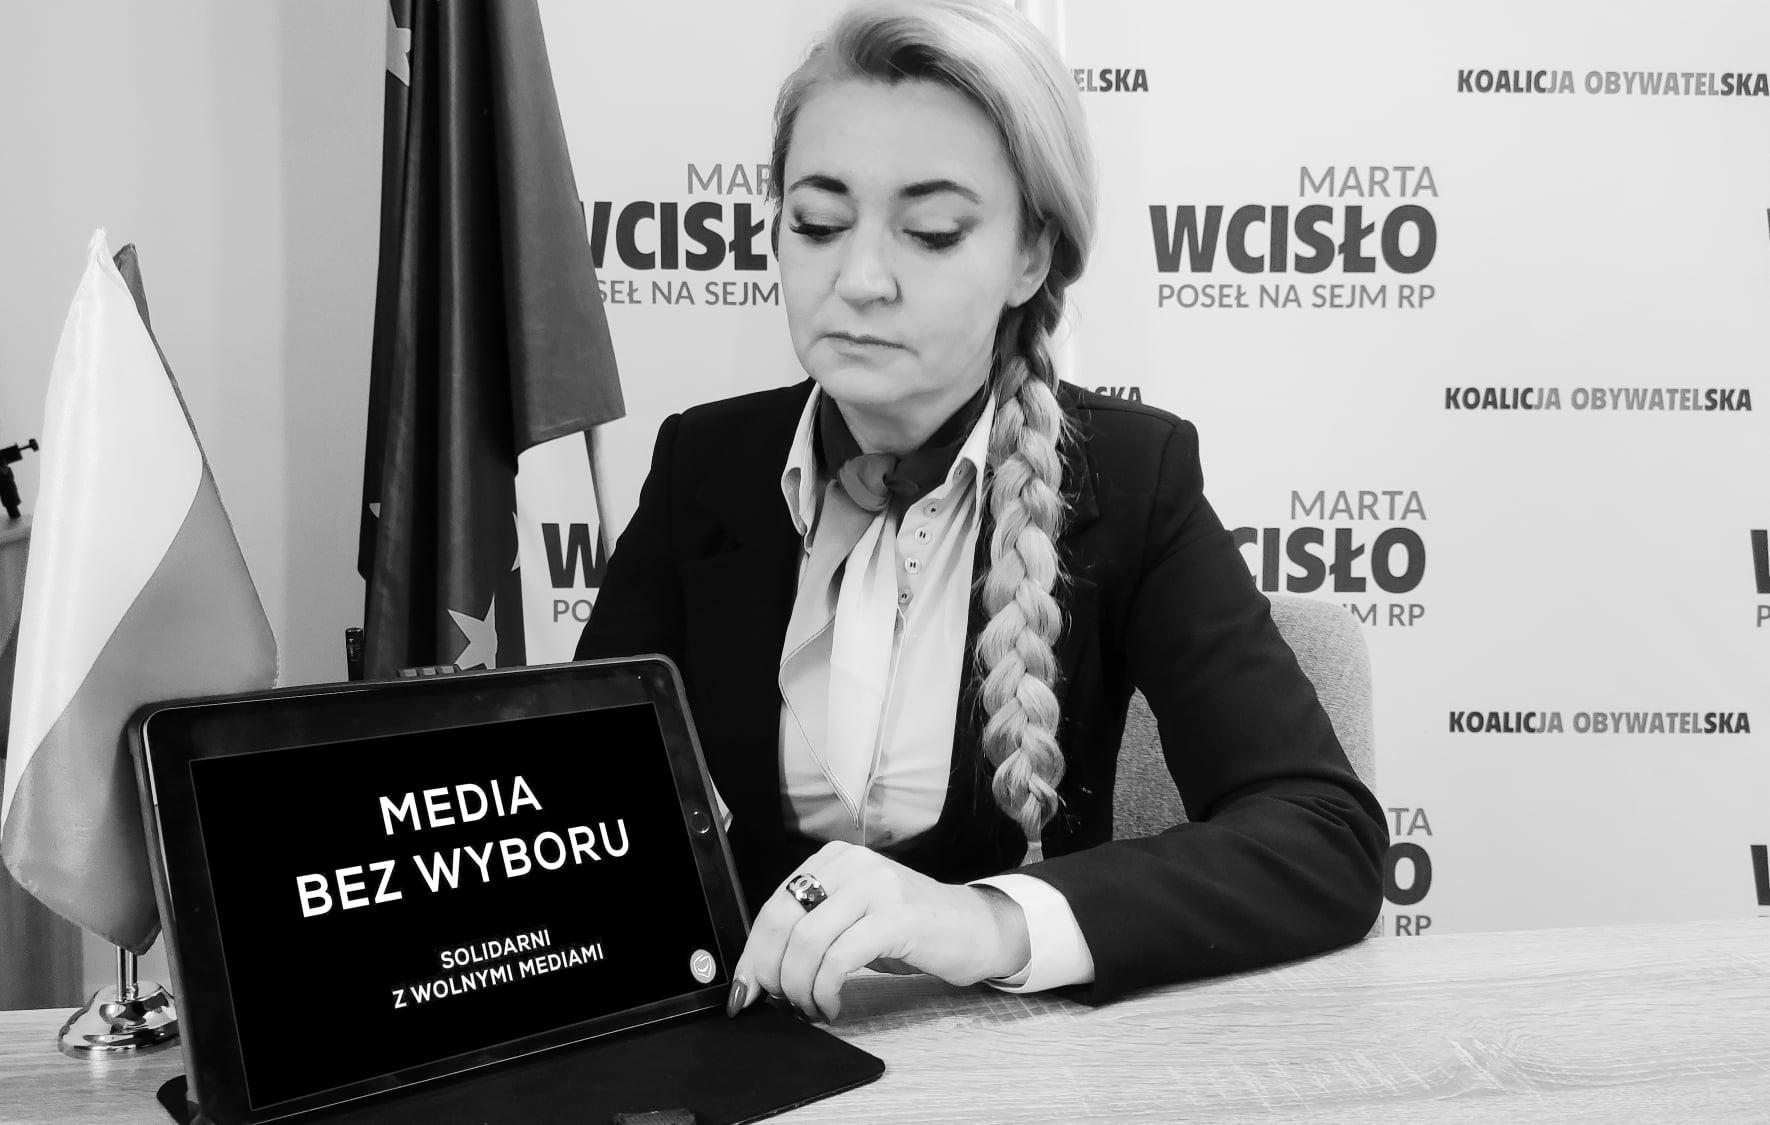 """Marta Wcisło przeciwko podatkowi od mediów. """"Dlaczego Rząd nie zabierze tych pieniędzy Telewizji Polskiej?""""  - Zdjęcie główne"""